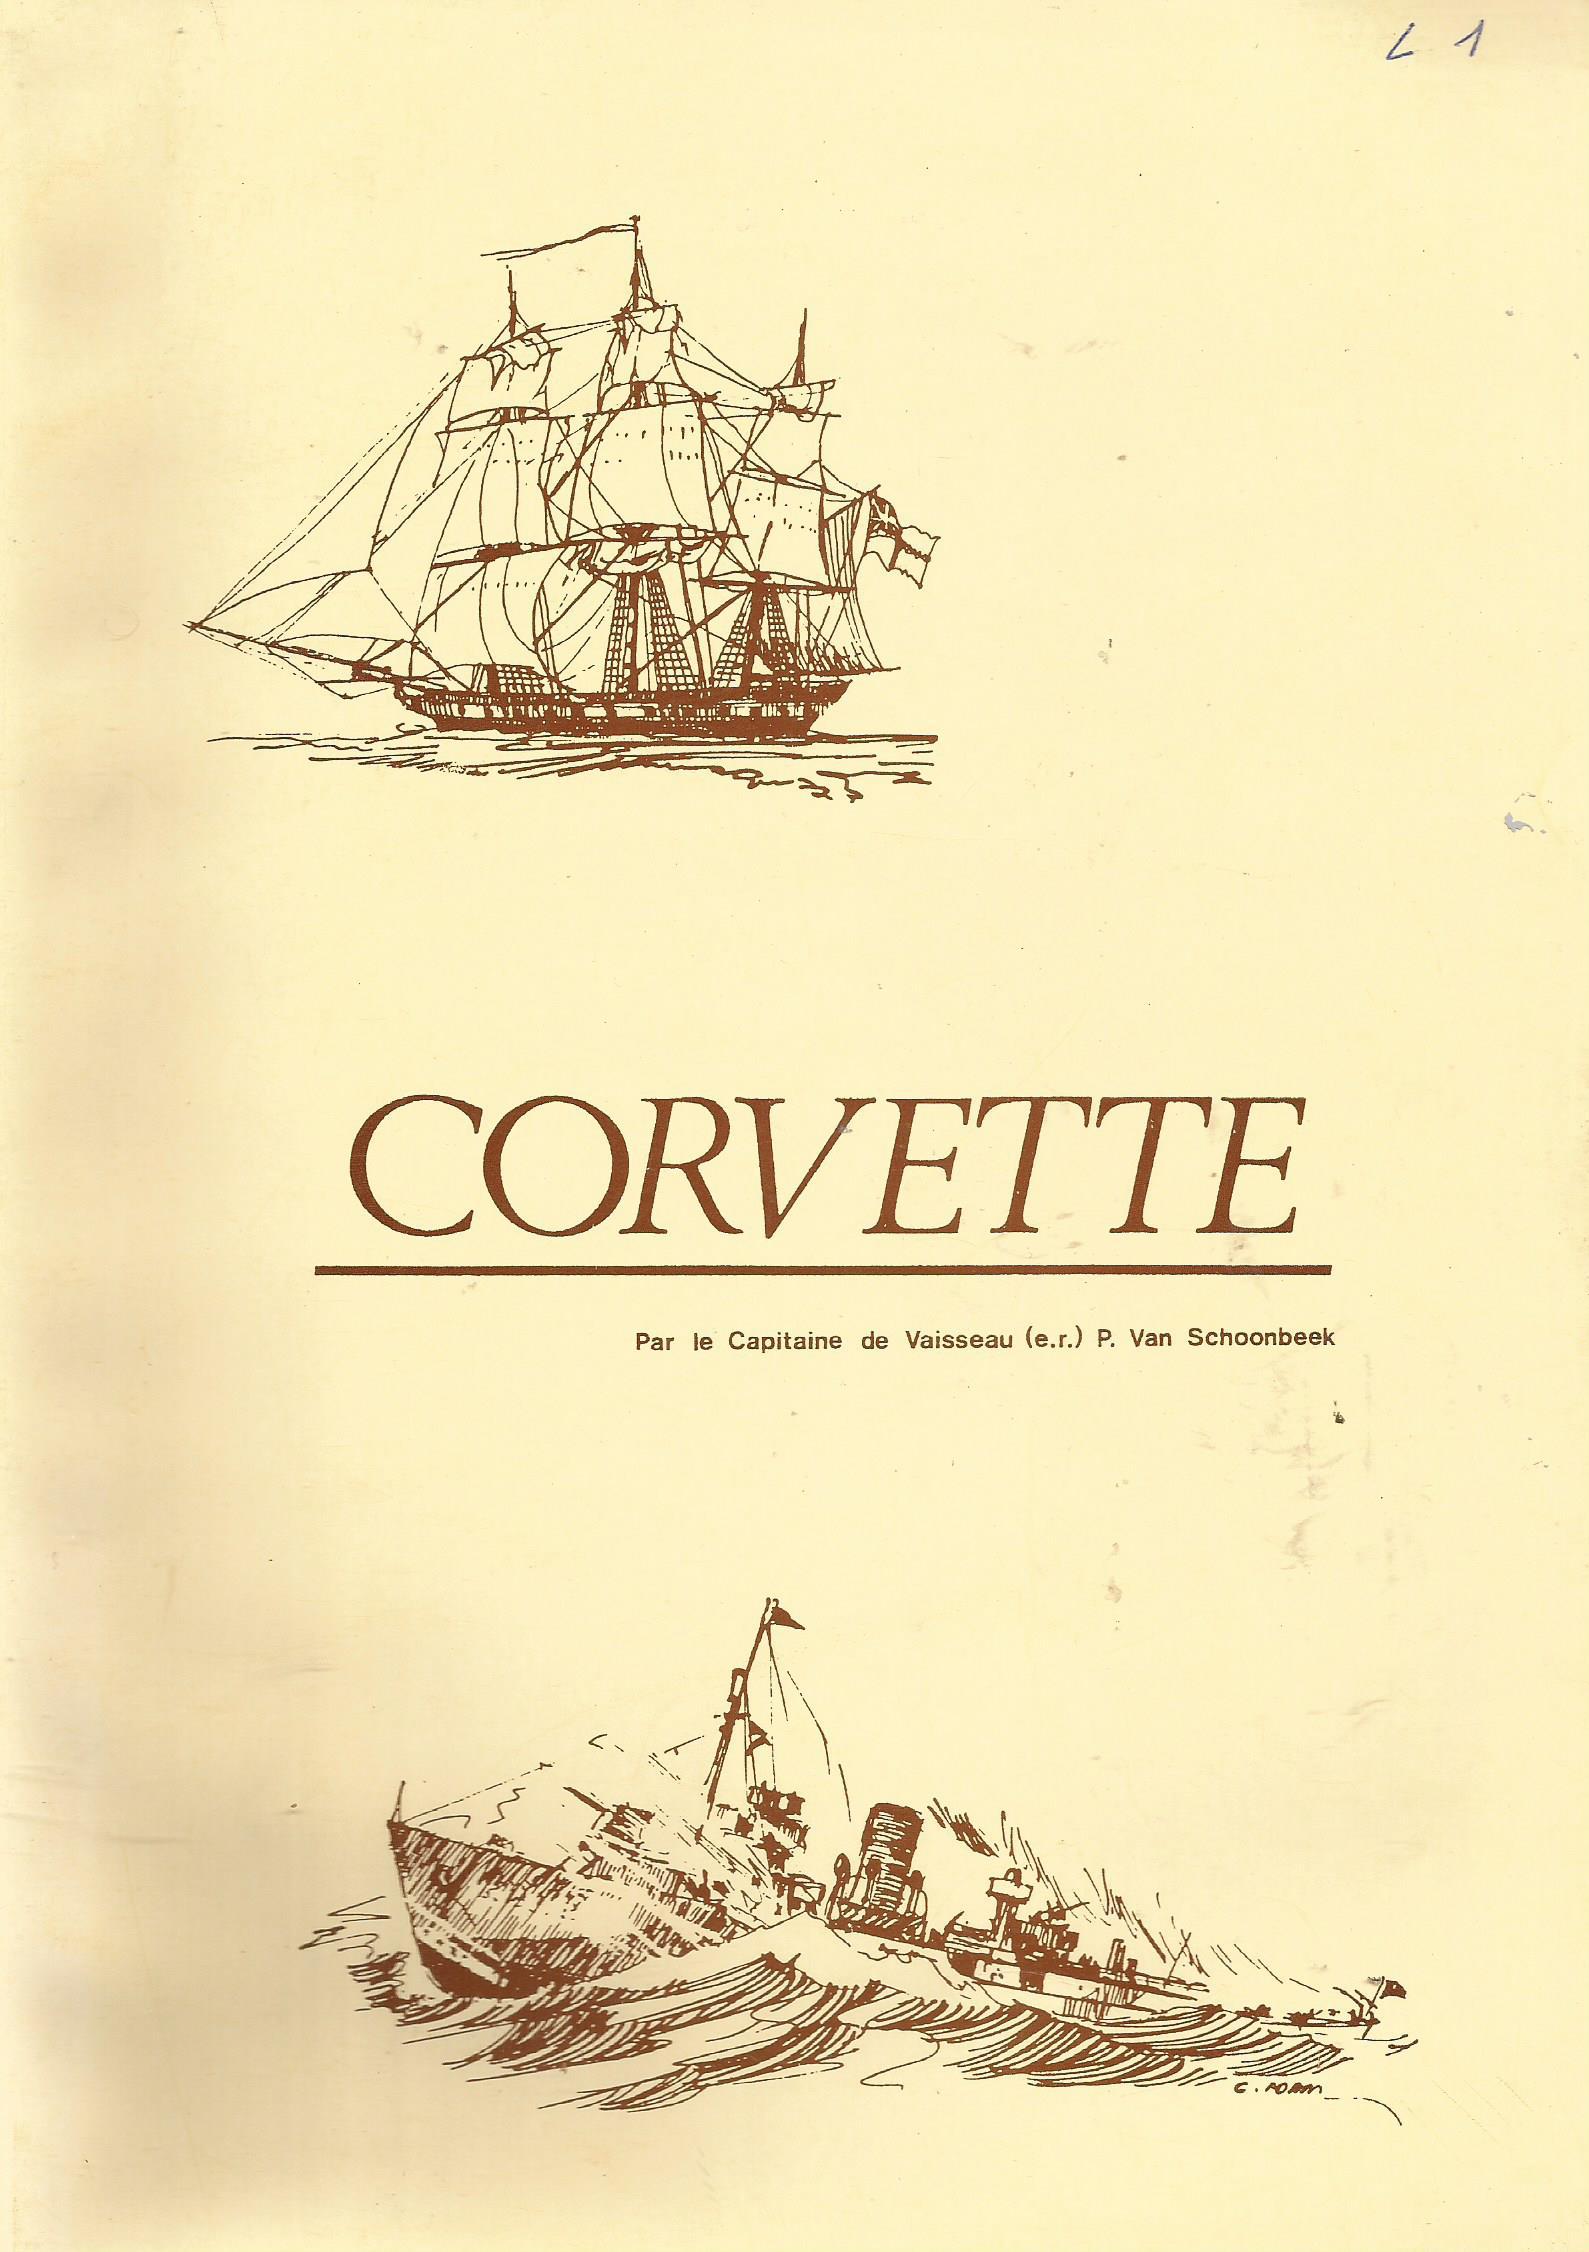 HS navire et histoire sur les corvettes classe Flower - Page 2 Corvet10